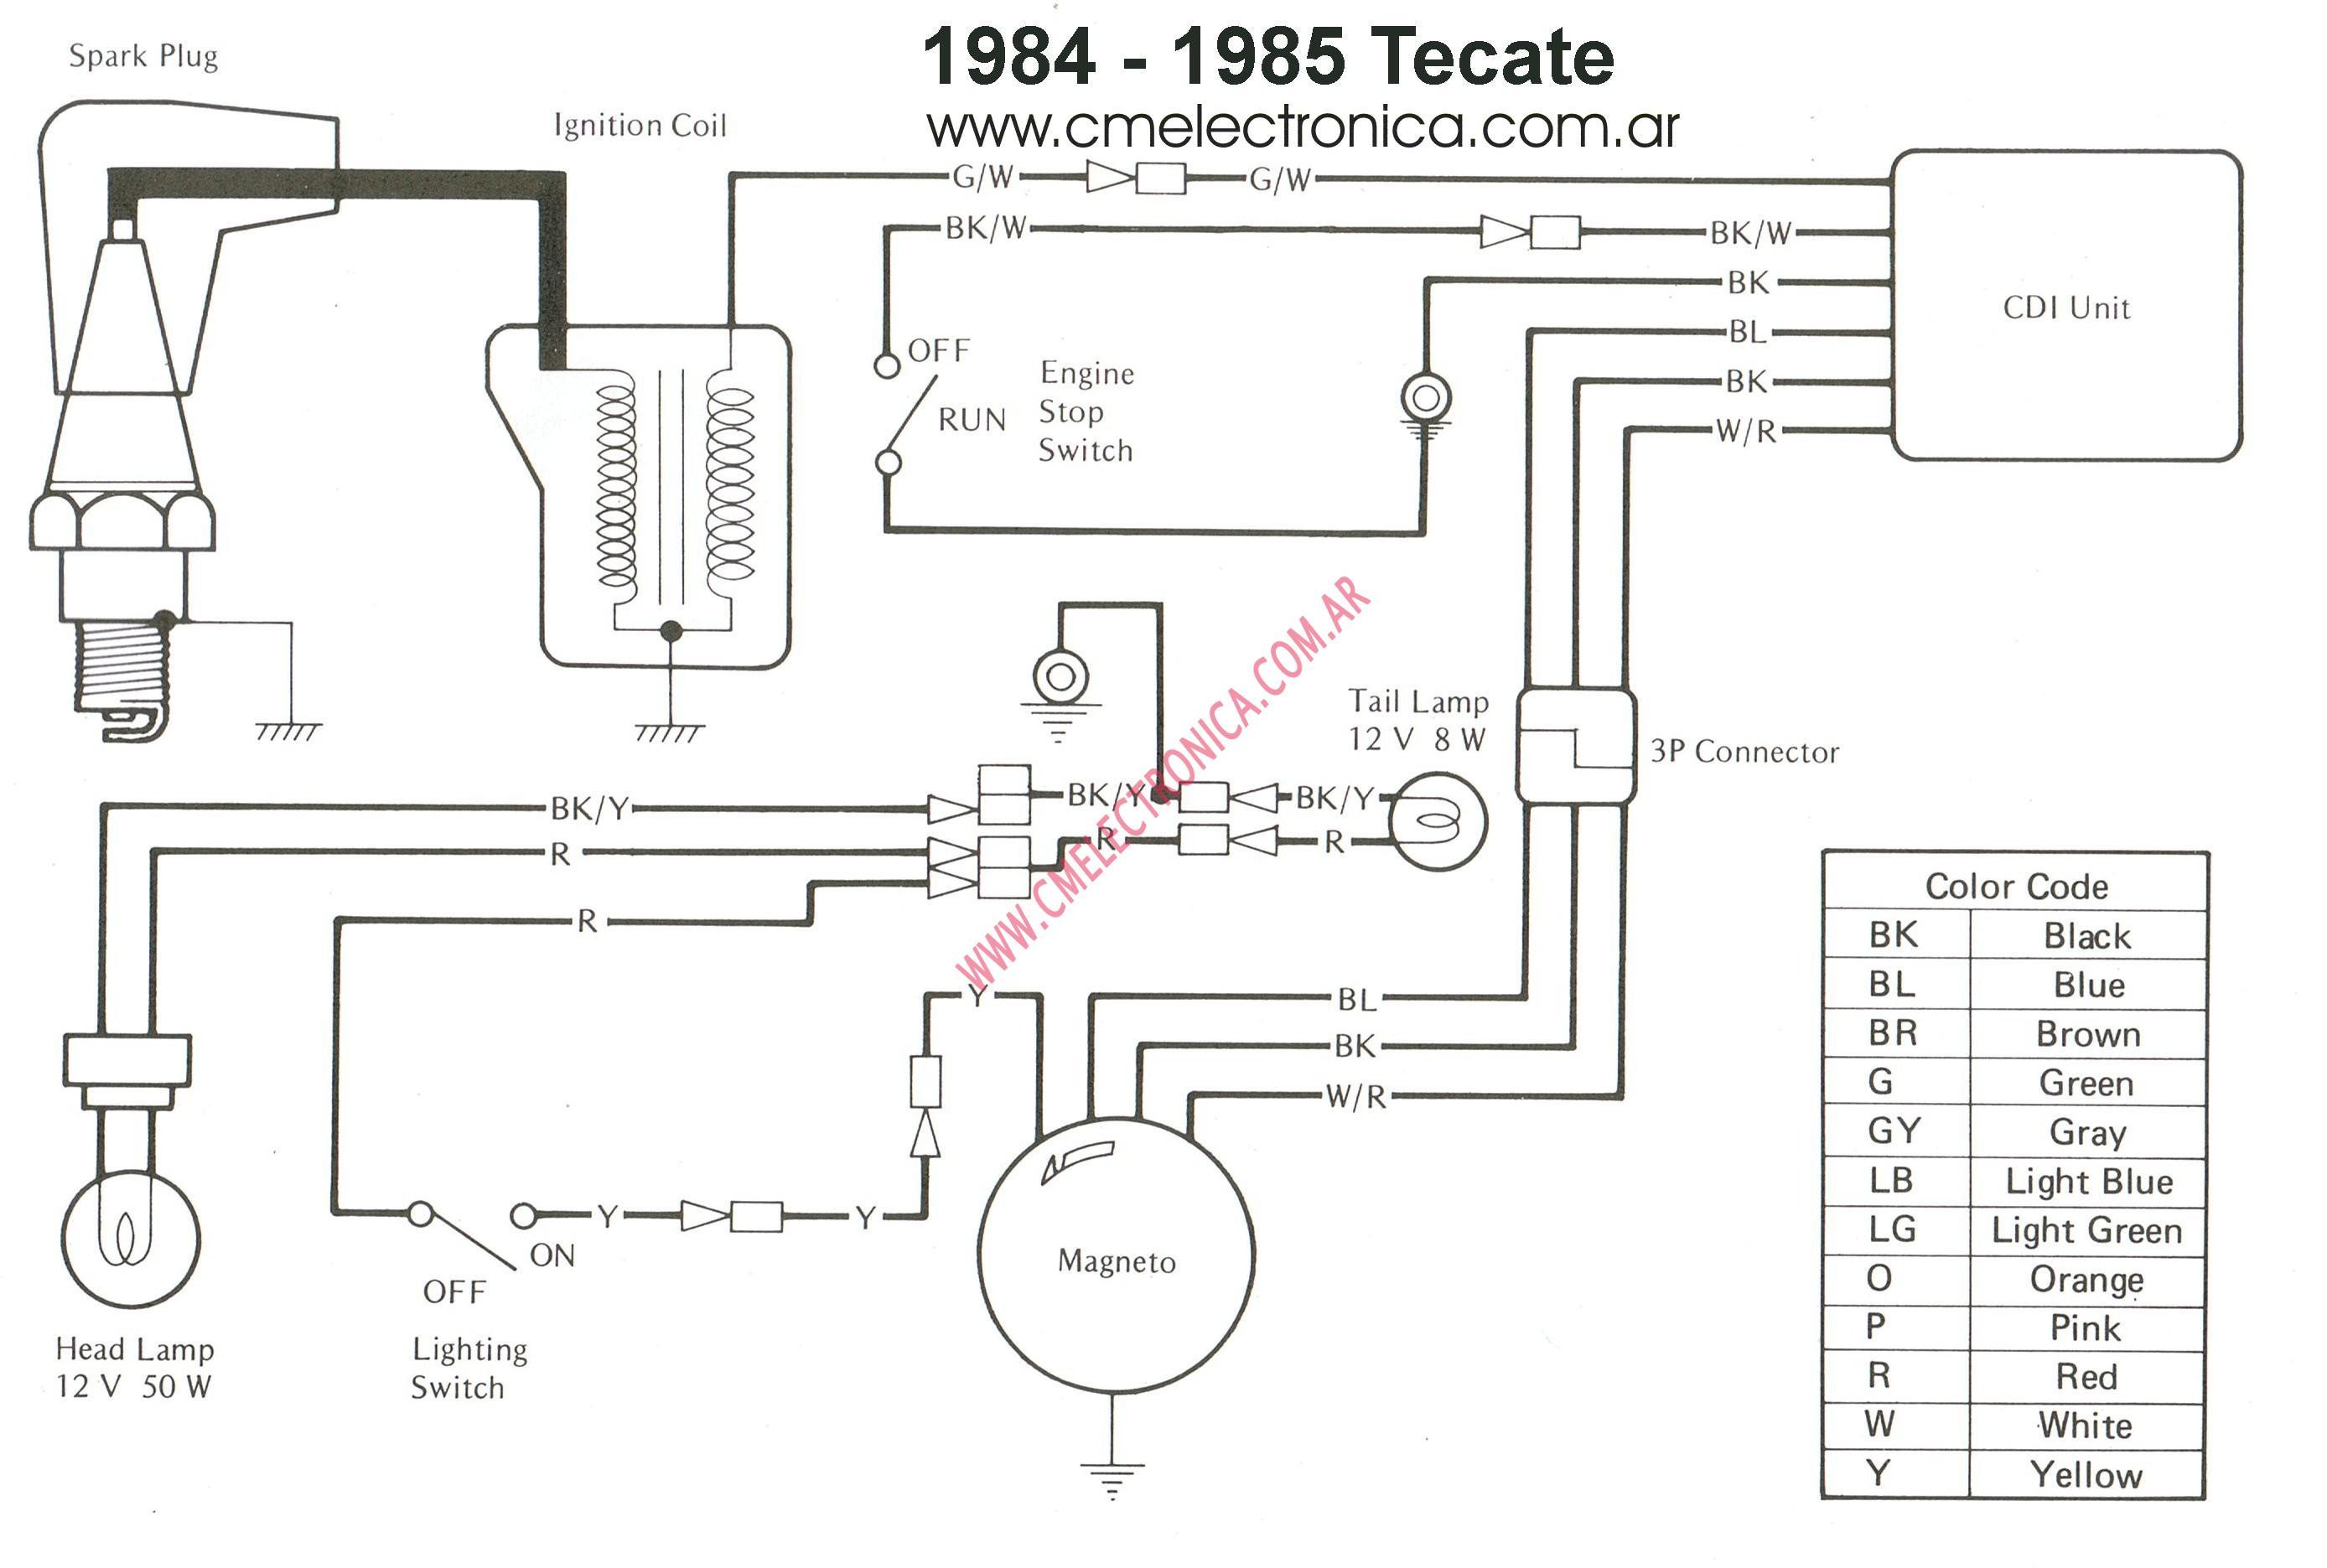 2004 arctic cat 250 wiring diagram schematic ll 4938  arctic cat 250 wiring schematic schematic wiring  arctic cat 250 wiring schematic